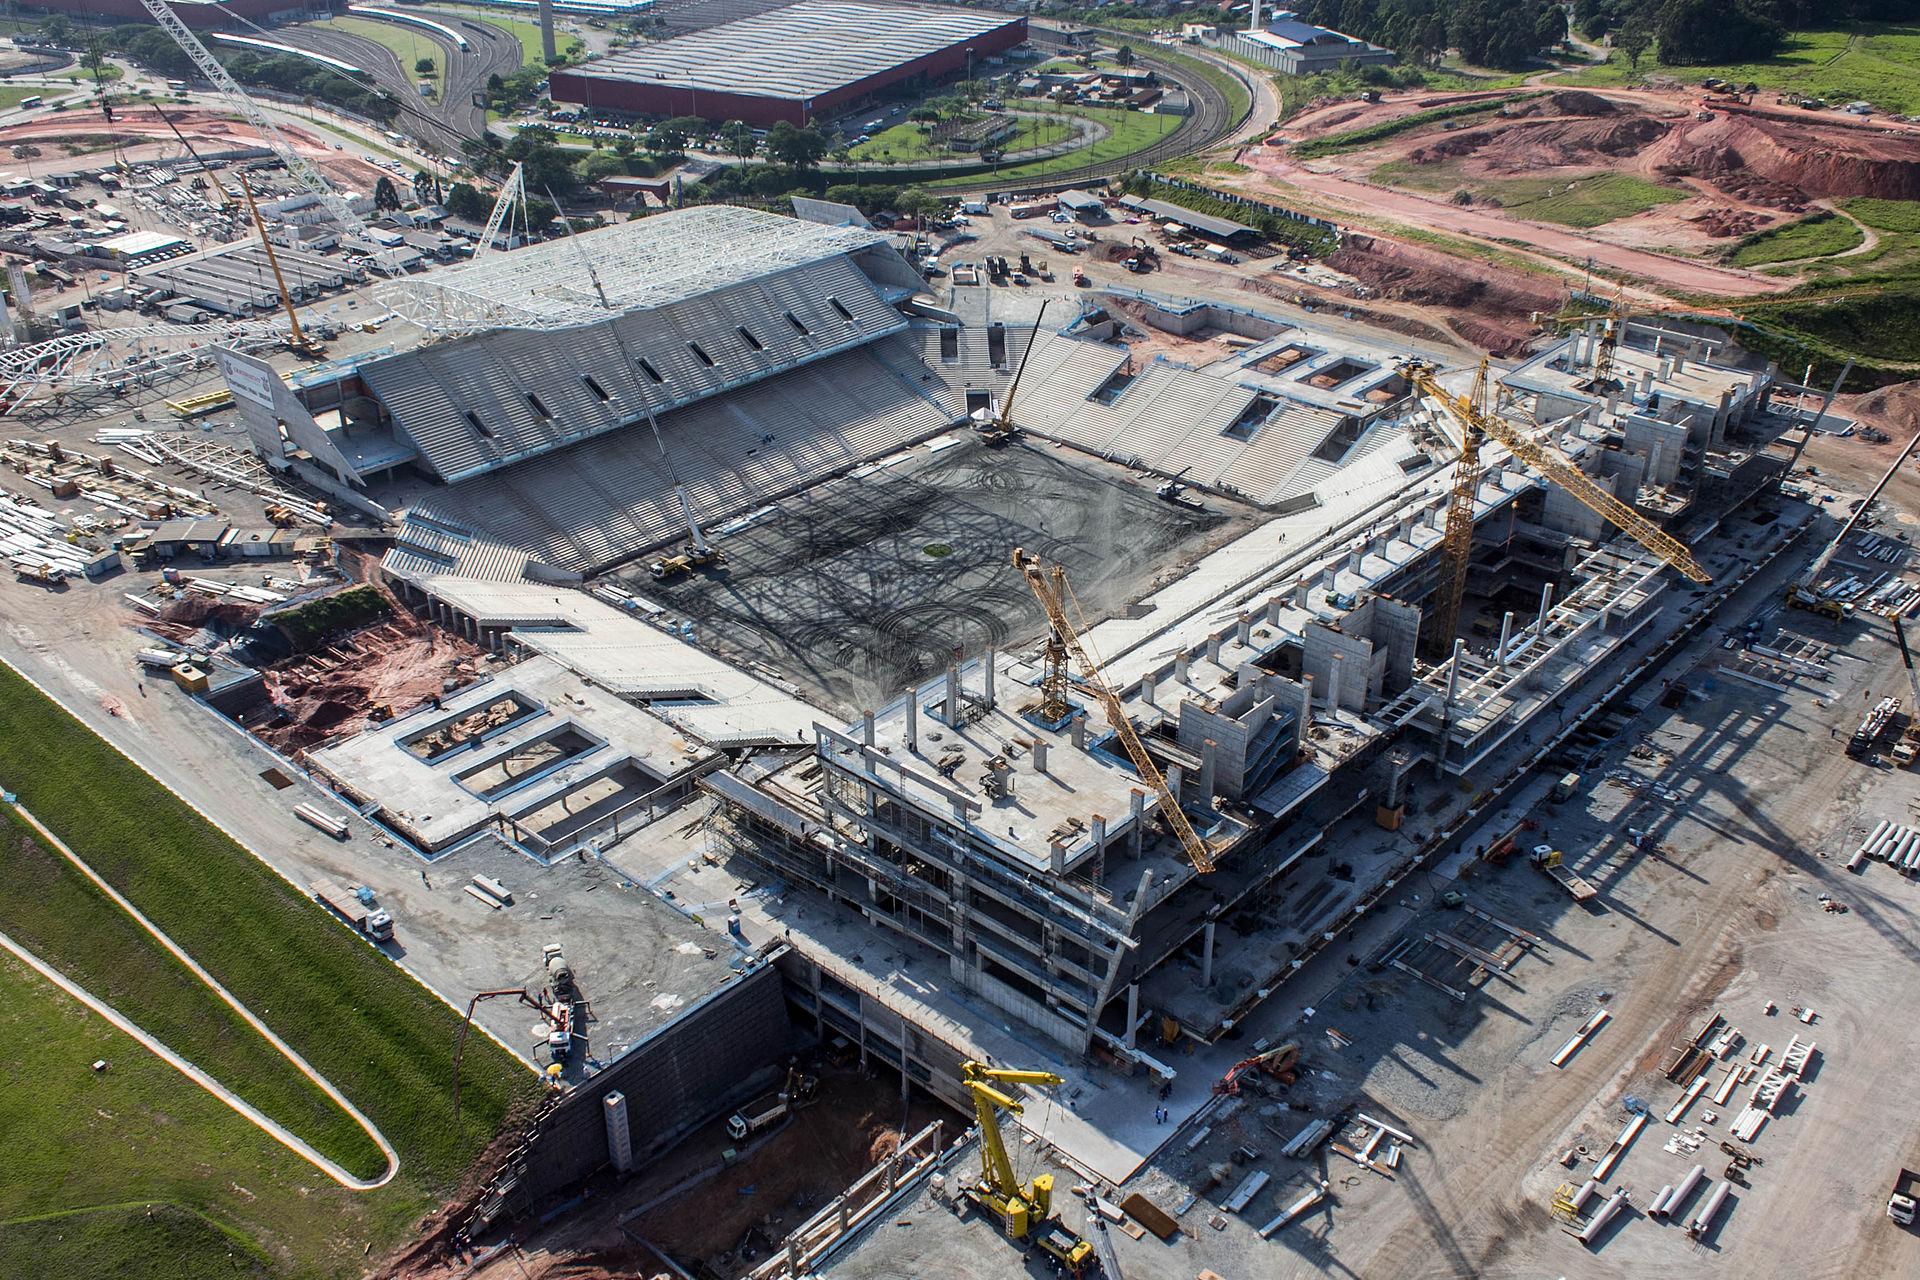 L'Arena Corinthians, à Sao Paulo, durant ses travaux. Le stade accueillera le match d'ouveture du Mondial (Crédit photo : Portal DA Copa, Flickr/CC)